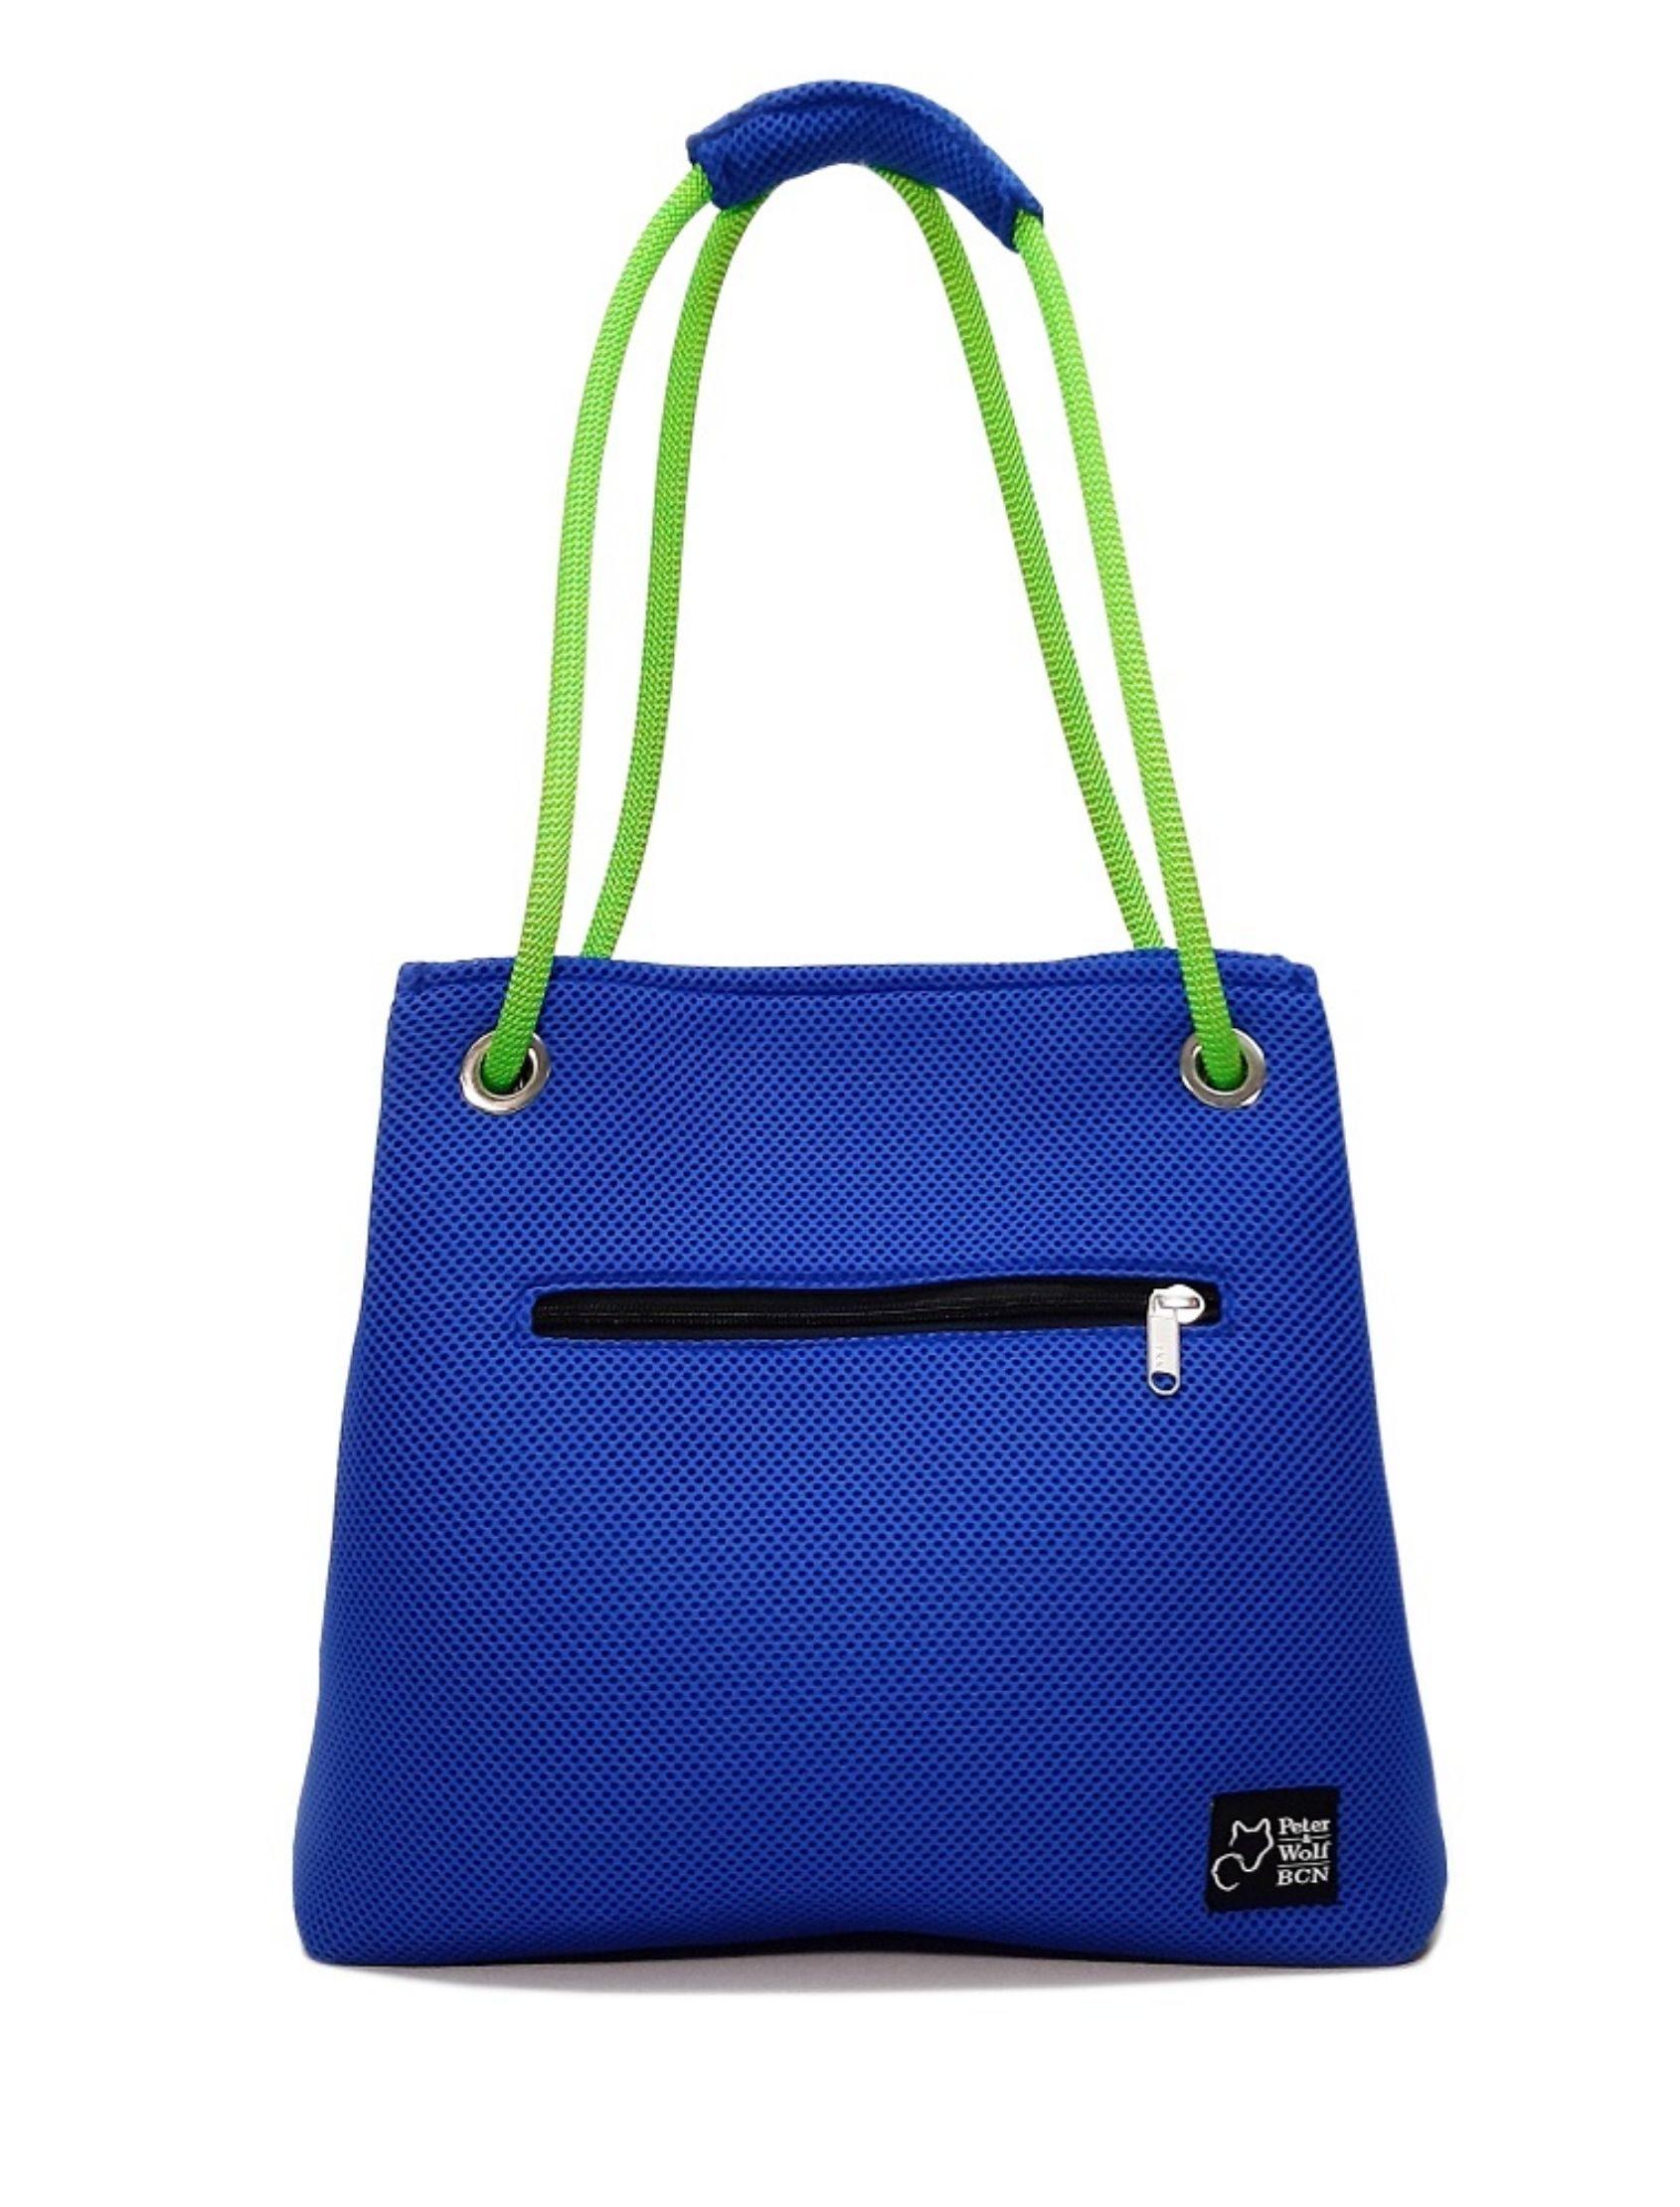 Bolso en tejido 3d tono azul klein con asa verde pistacho